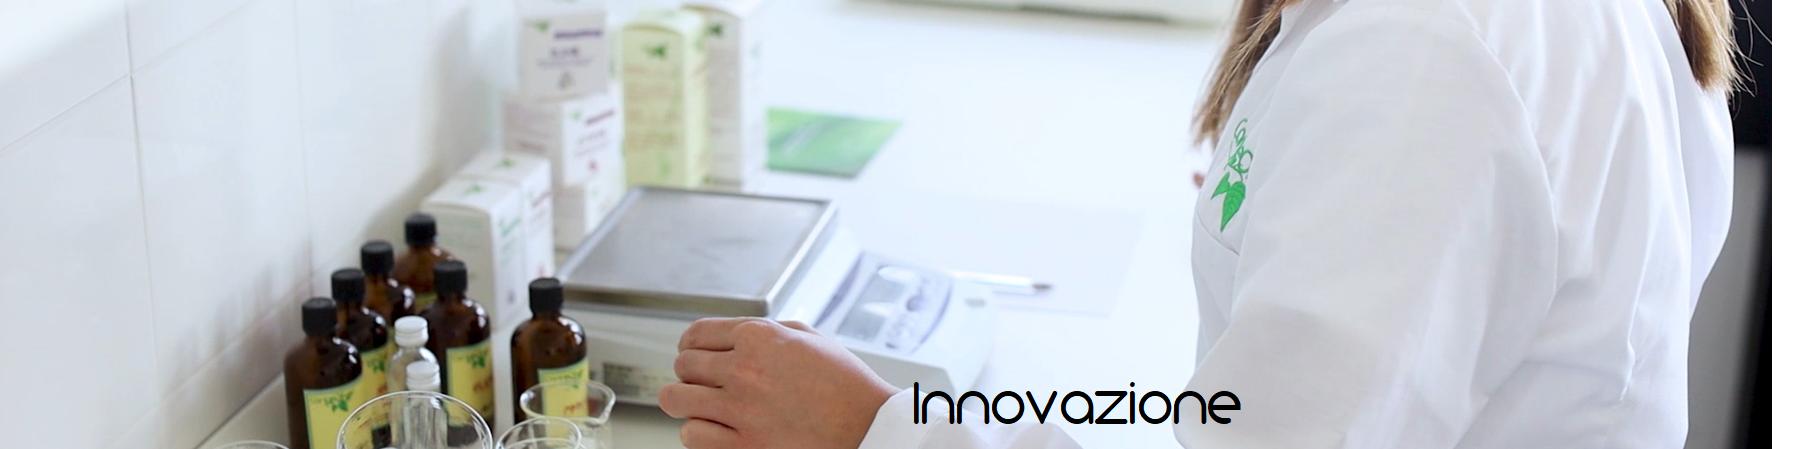 Conte Oliver Innovazione